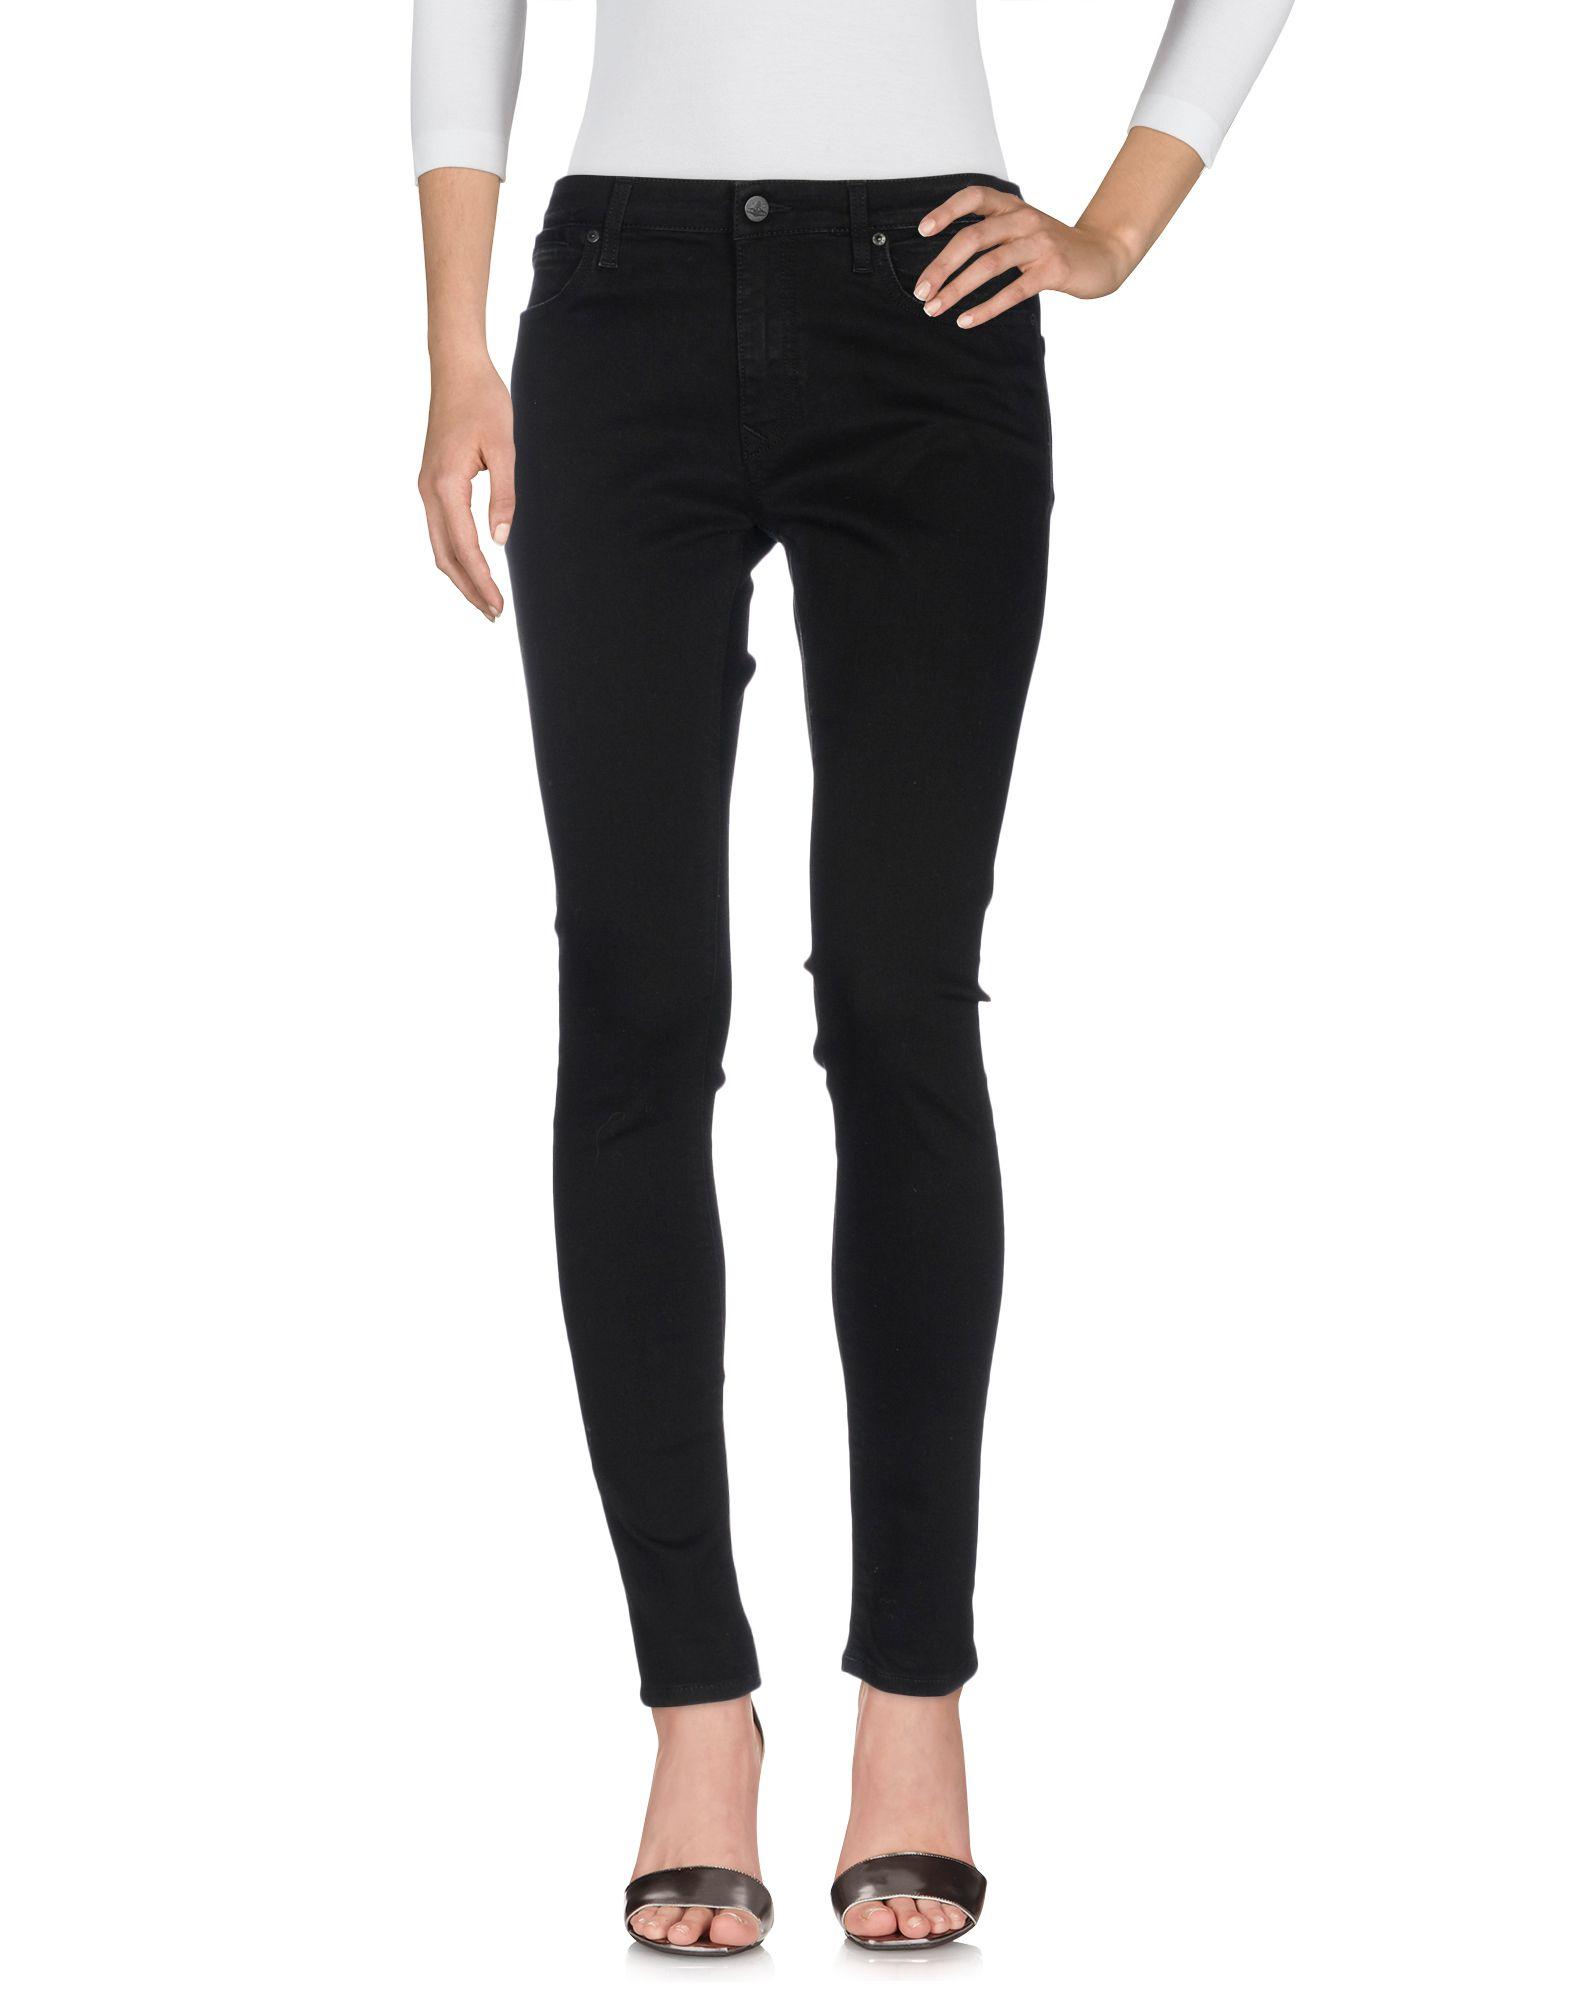 VIVIENNE WESTWOOD ANGLOMANIA Vivienne Westwood Skinny Jeans - Black